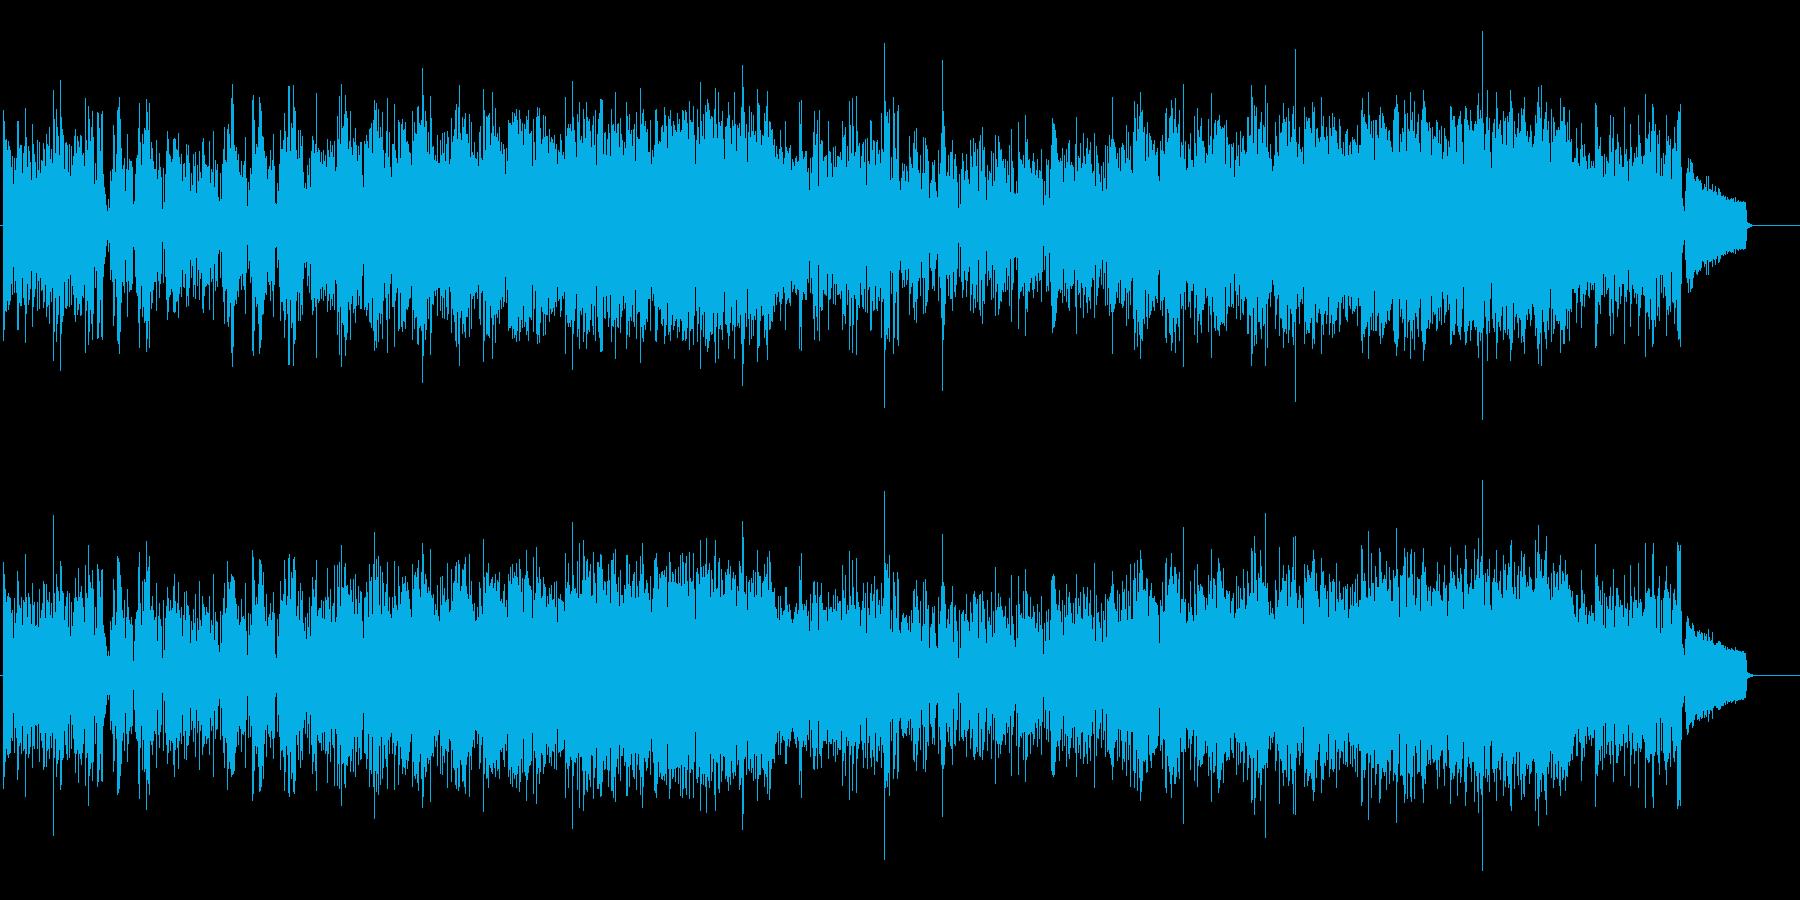 メロディアス定石 アダルト・ポップス風の再生済みの波形